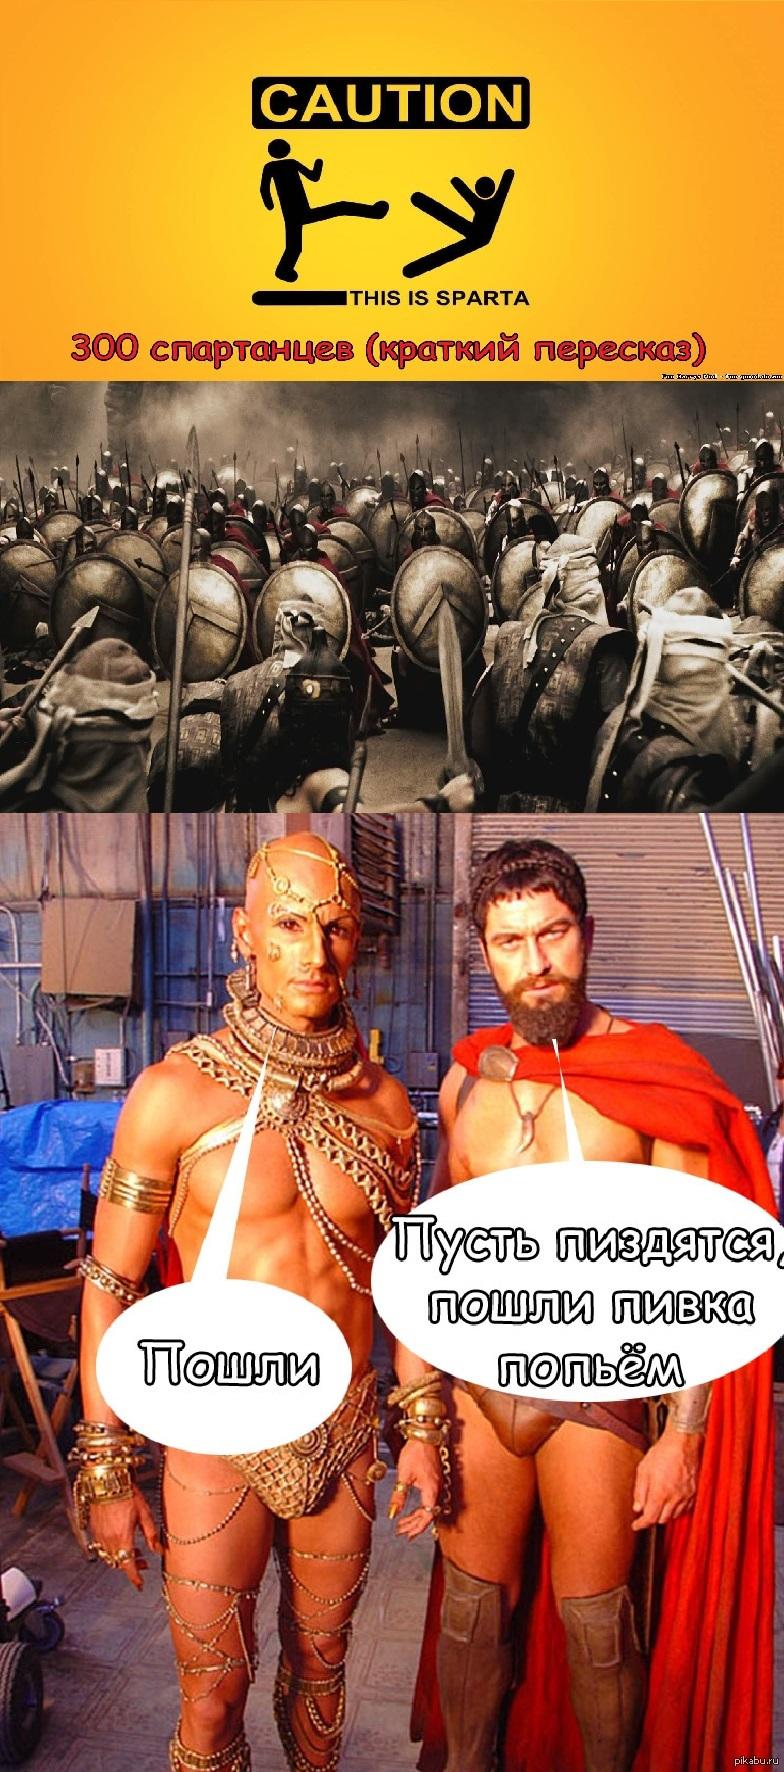 Спартанец И Смотреть Порно Фильм Онлайн